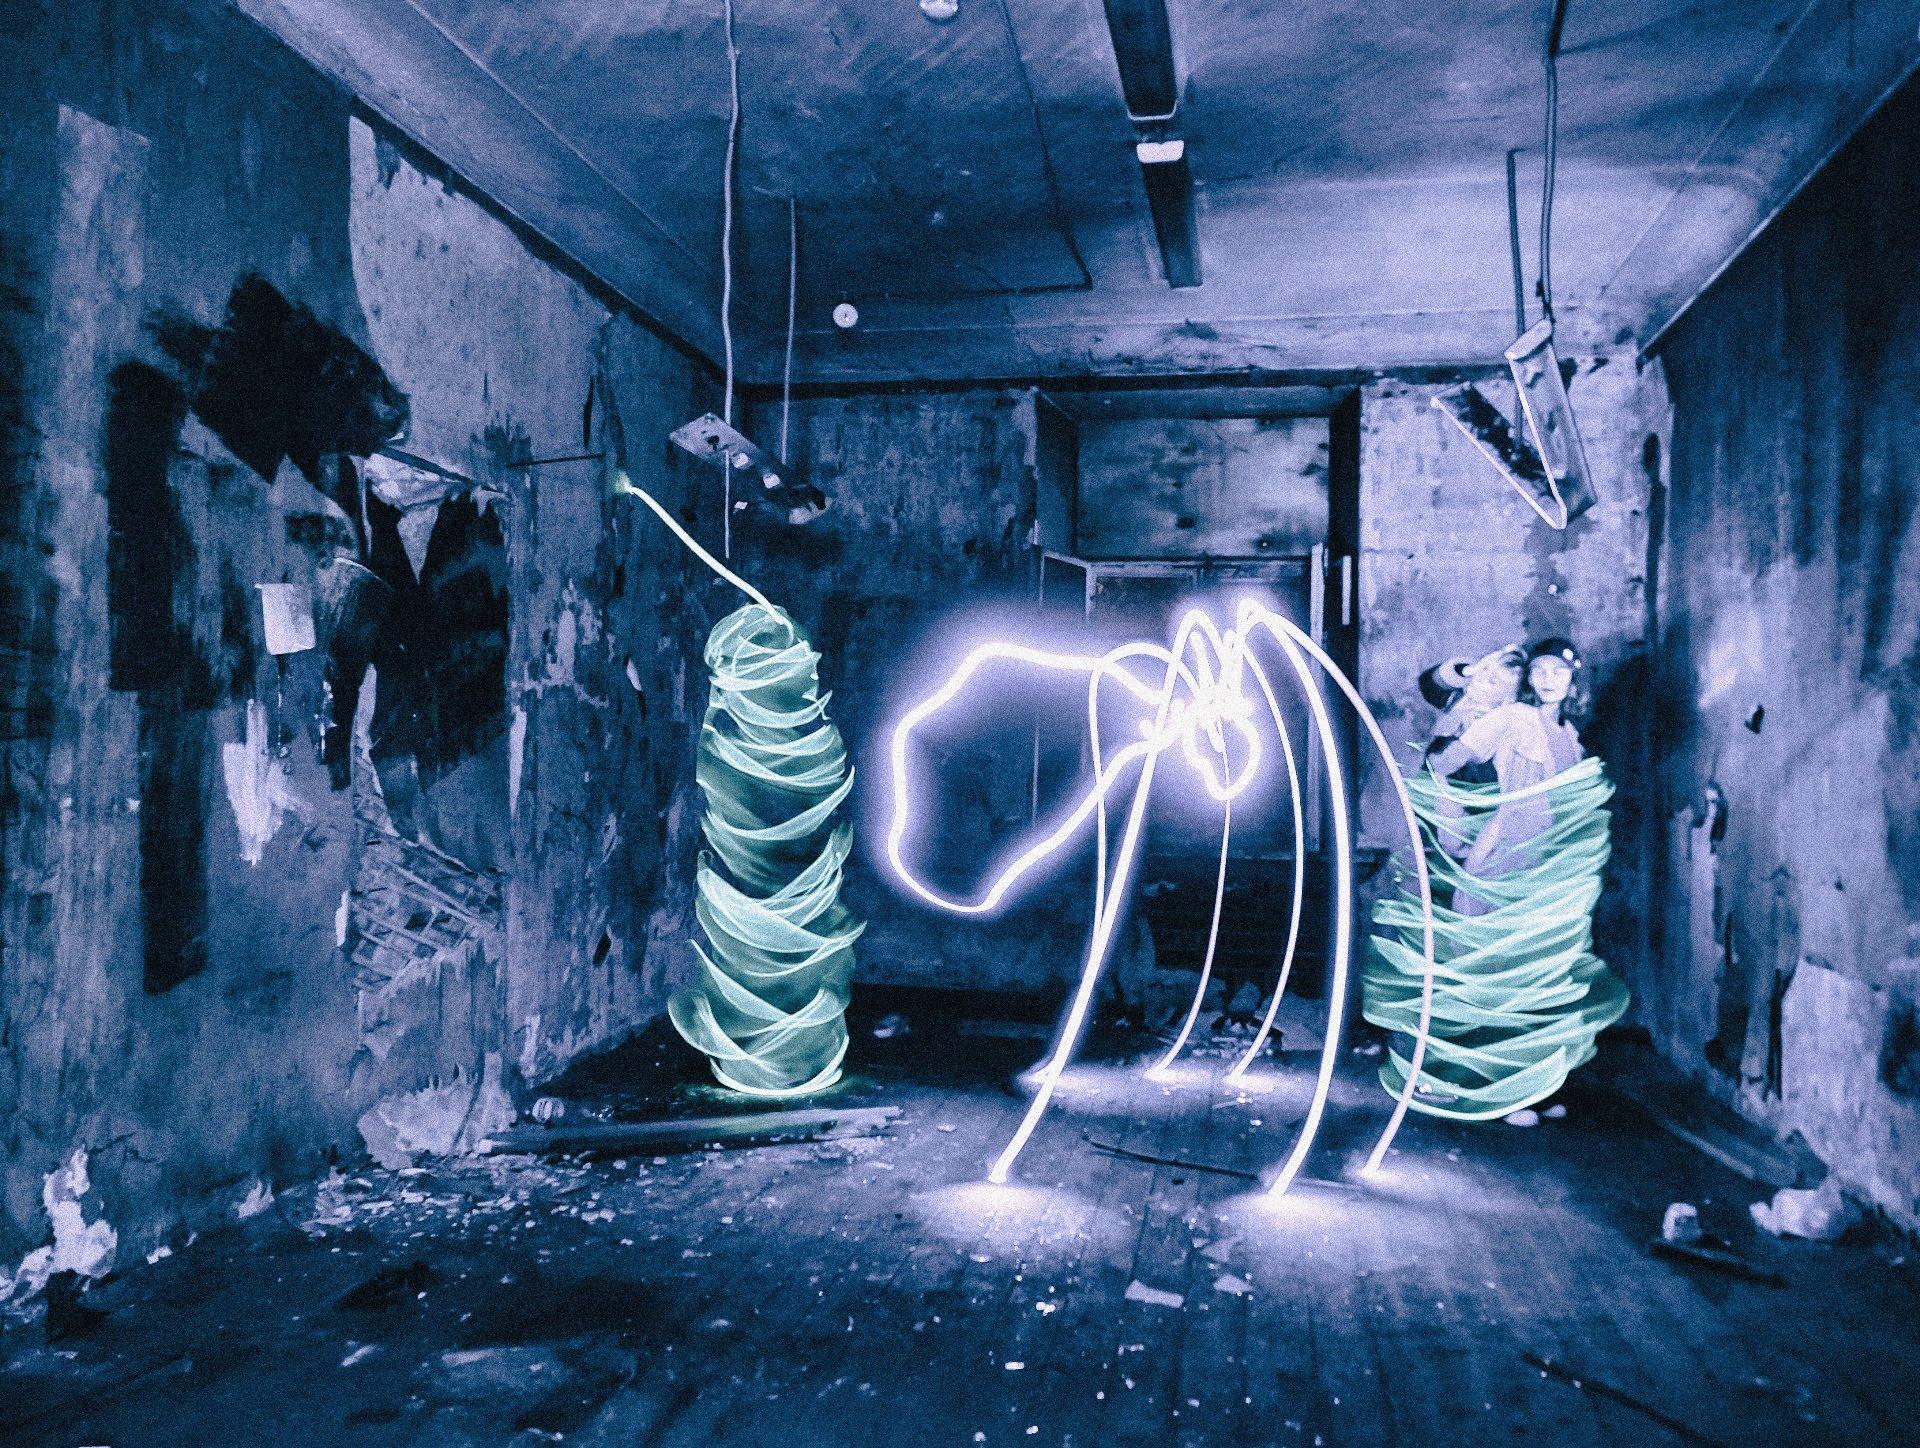 lightpainting, lightart, longexposure, nightphotography, light, night, portrait, Требухин Николай